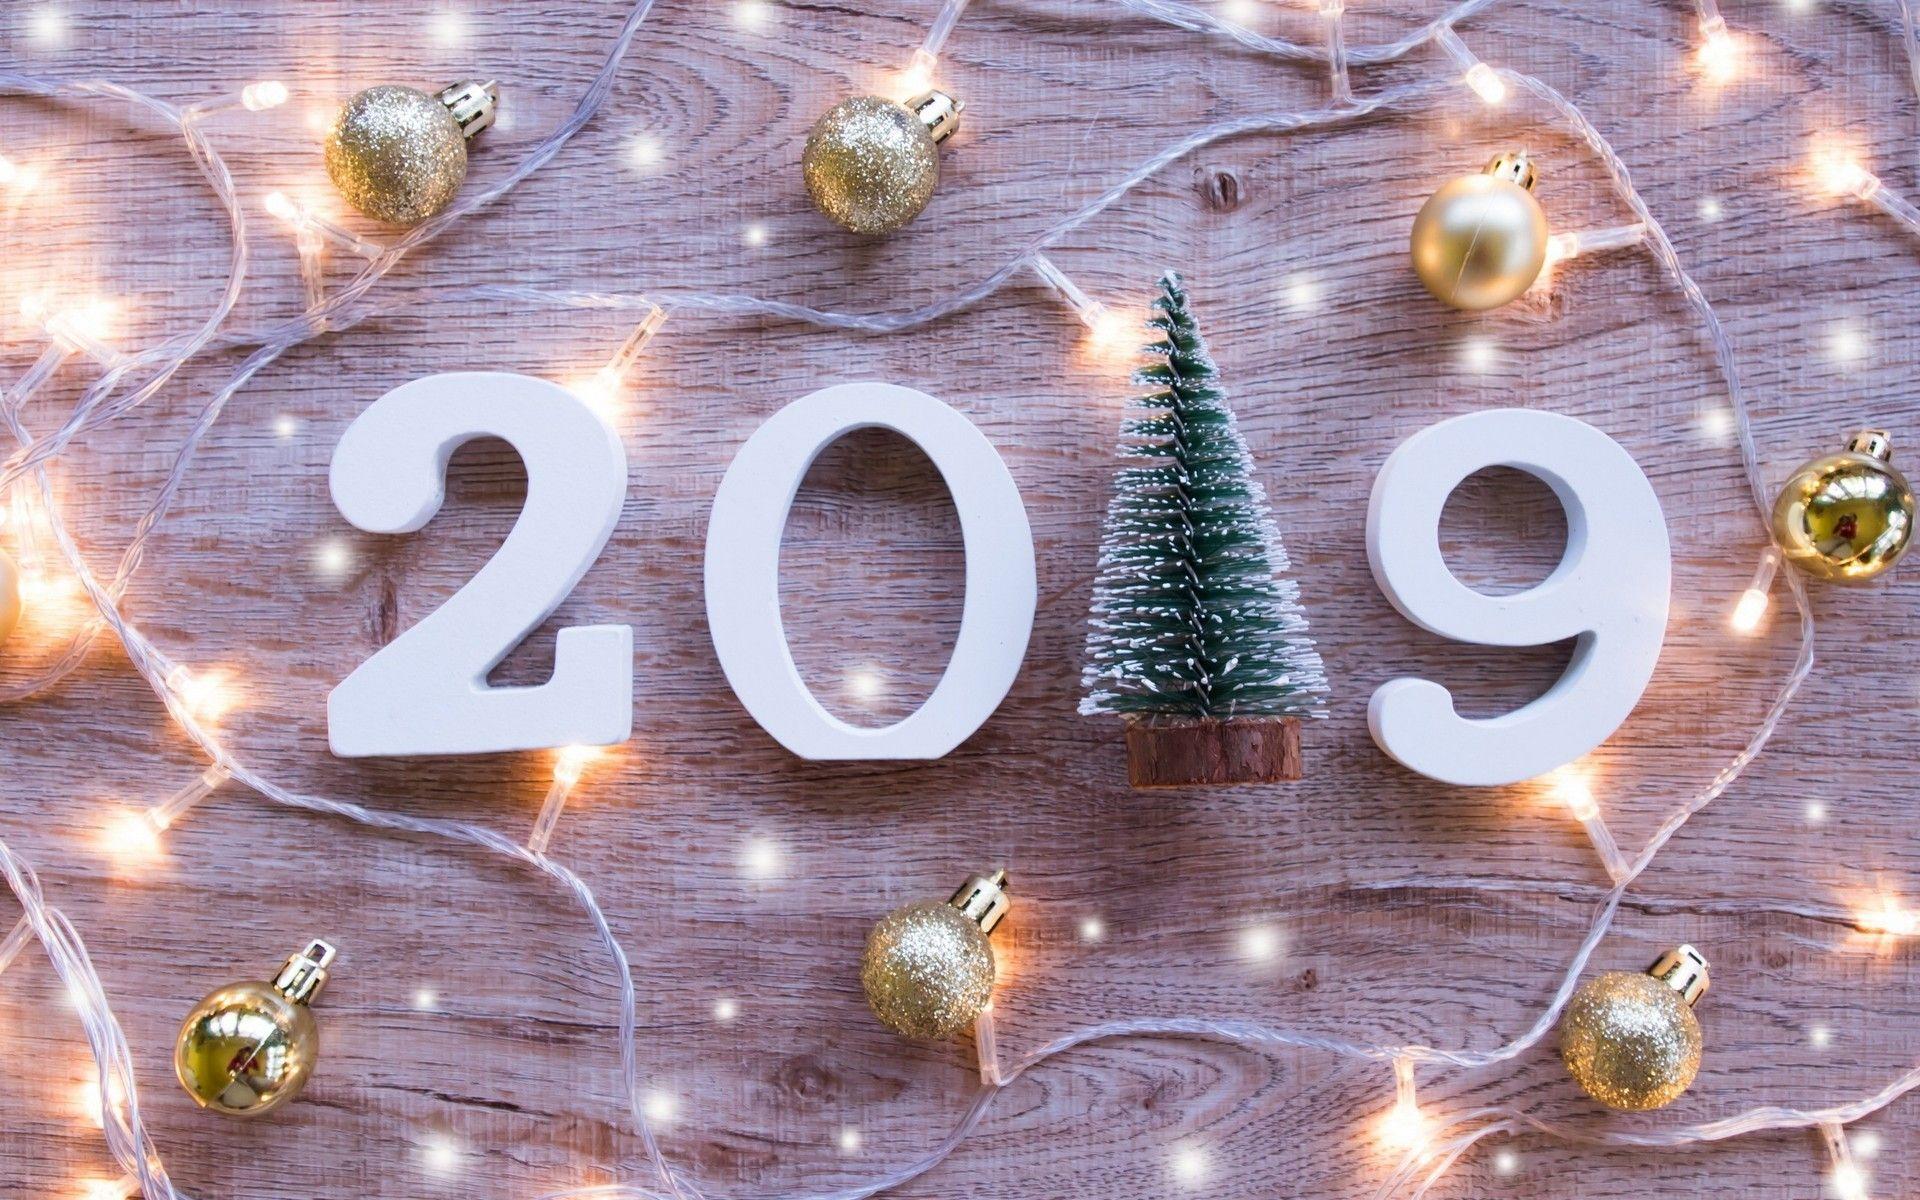 2019 : Fond D'écran Nouvelle Année